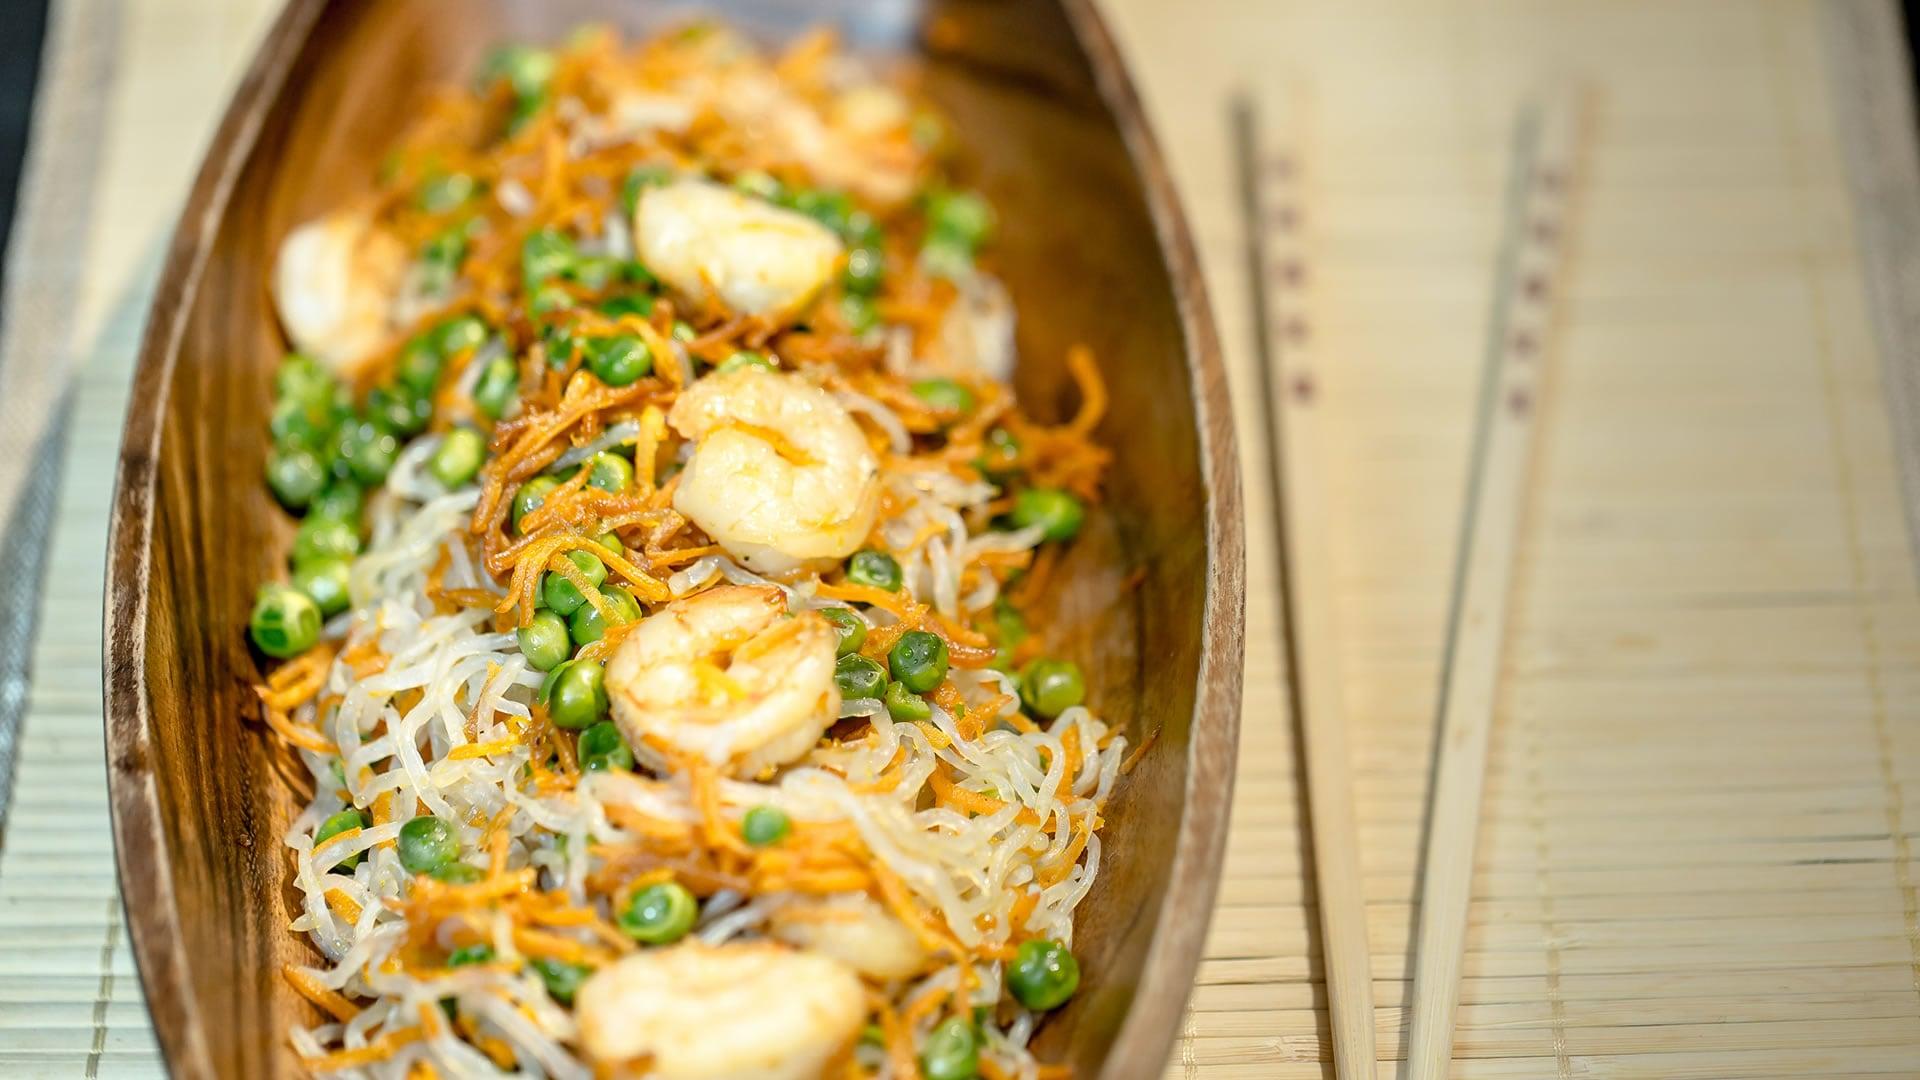 Foto Spaghetti Cinque Calorie con Gamberi e Piselli - Shirataki o Konjac Noodles